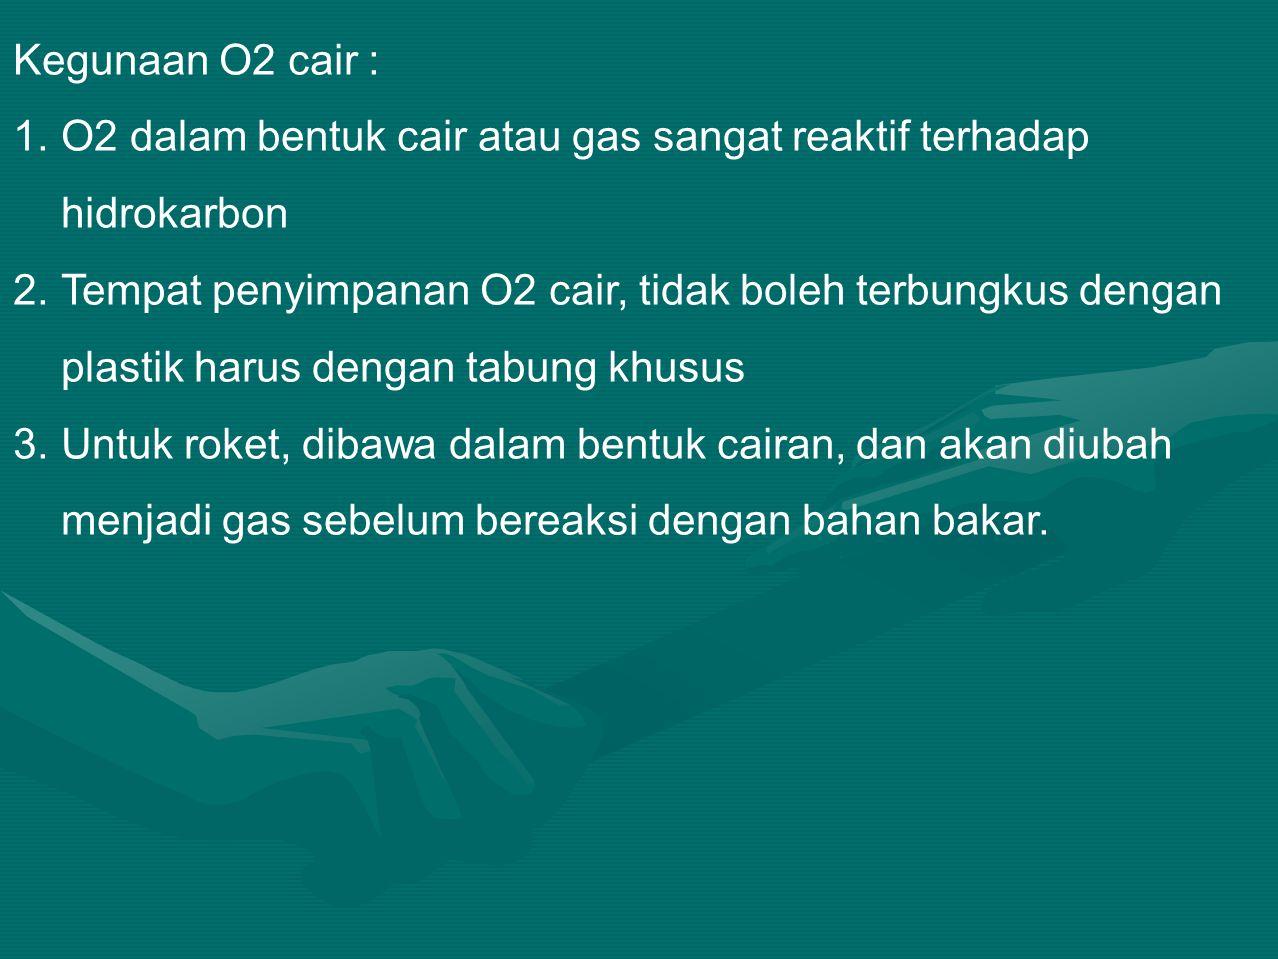 Kegunaan O2 cair : 1.O2 dalam bentuk cair atau gas sangat reaktif terhadap hidrokarbon 2.Tempat penyimpanan O2 cair, tidak boleh terbungkus dengan plastik harus dengan tabung khusus 3.Untuk roket, dibawa dalam bentuk cairan, dan akan diubah menjadi gas sebelum bereaksi dengan bahan bakar.